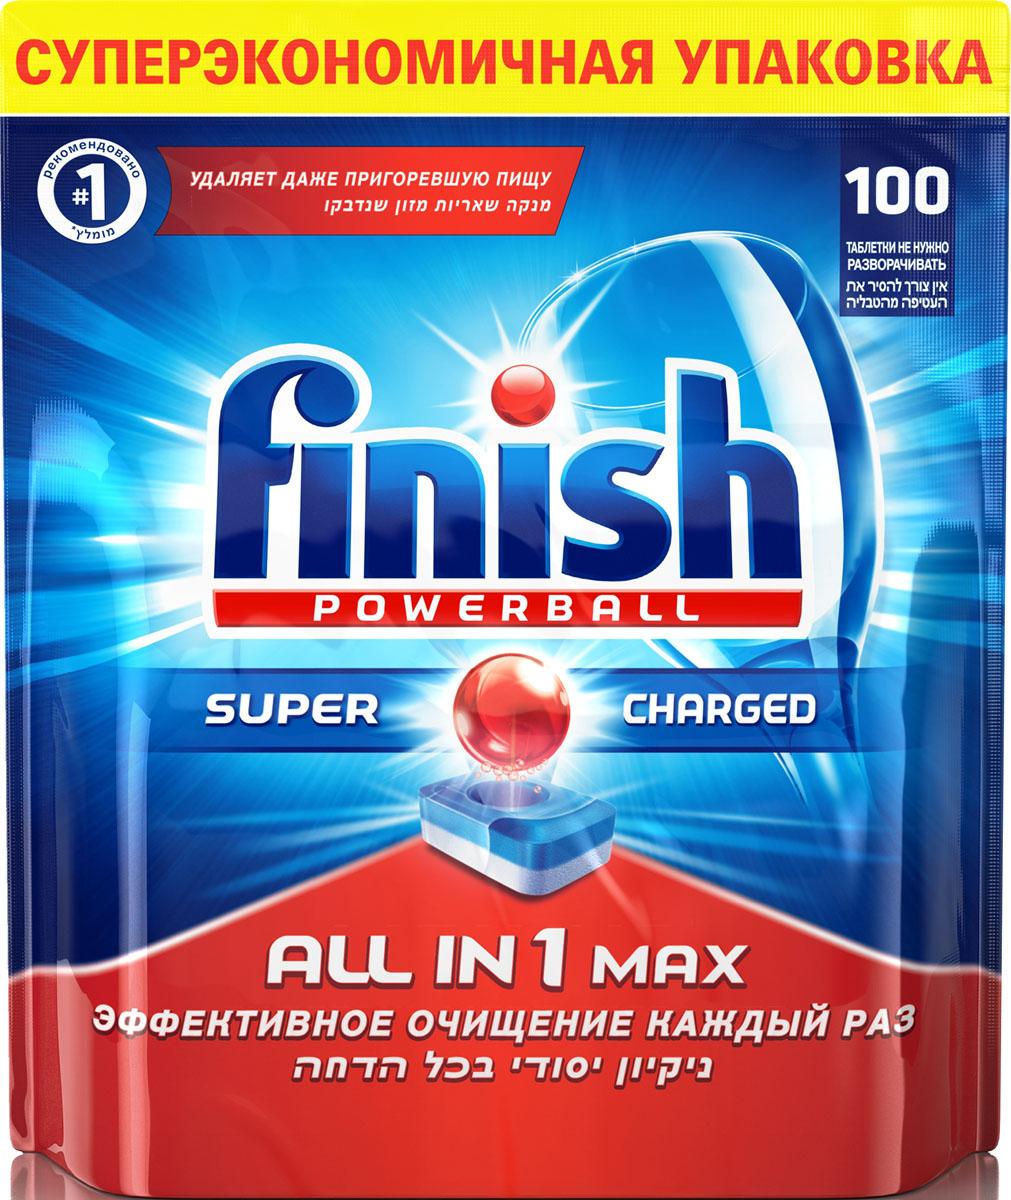 Таблетки для посудомоечной машины Finish Powerball All in 1 Max, 100 шт10015_в пакетеТаблетки для посудомоечных машин Finish Powerball All in 1 Max обеспечивают сверкающую чистоту и блеск, а также защищают стеклянную посуду от налета. Они идеальны для использования на коротких циклах - таблетки быстро растворяются. Состав: 30% и более фосфаты, 5% или более, но менее 15%, кислородсодержащий отбеливатель, менее 5% поликарбоксилаты, менее 5% неионогенные ПАВ, менее 5% фосфонаты, энзимы, ароматизаторы, гексилциннамаль, линалоол. Товар сертифицирован.